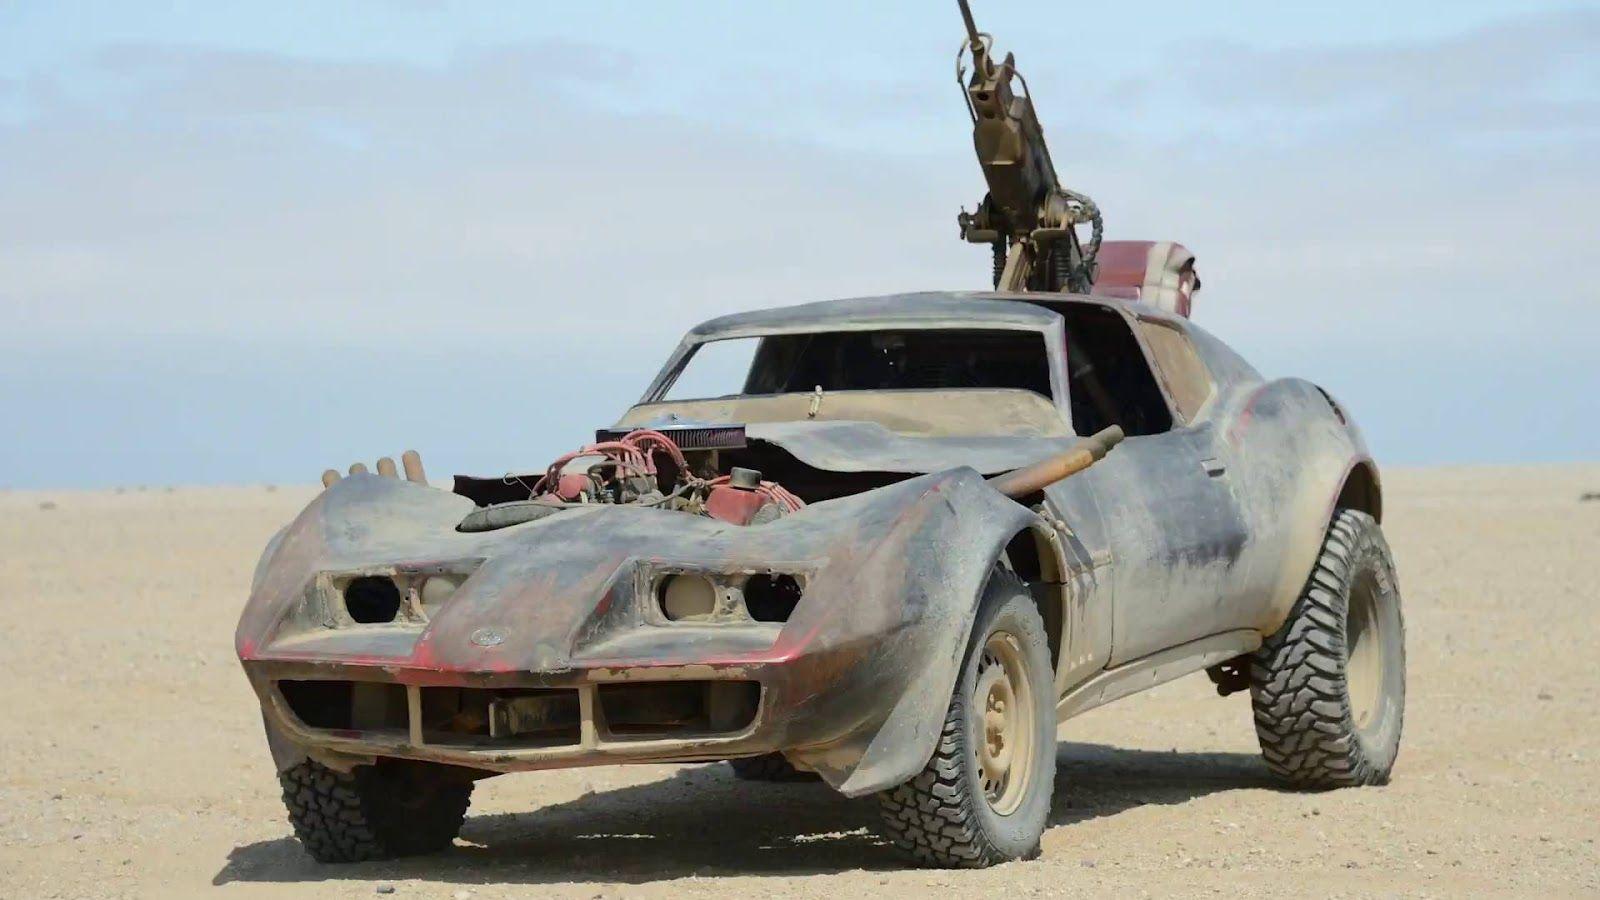 Fury Road Vehicles Buggy 9 Car max, Mad max